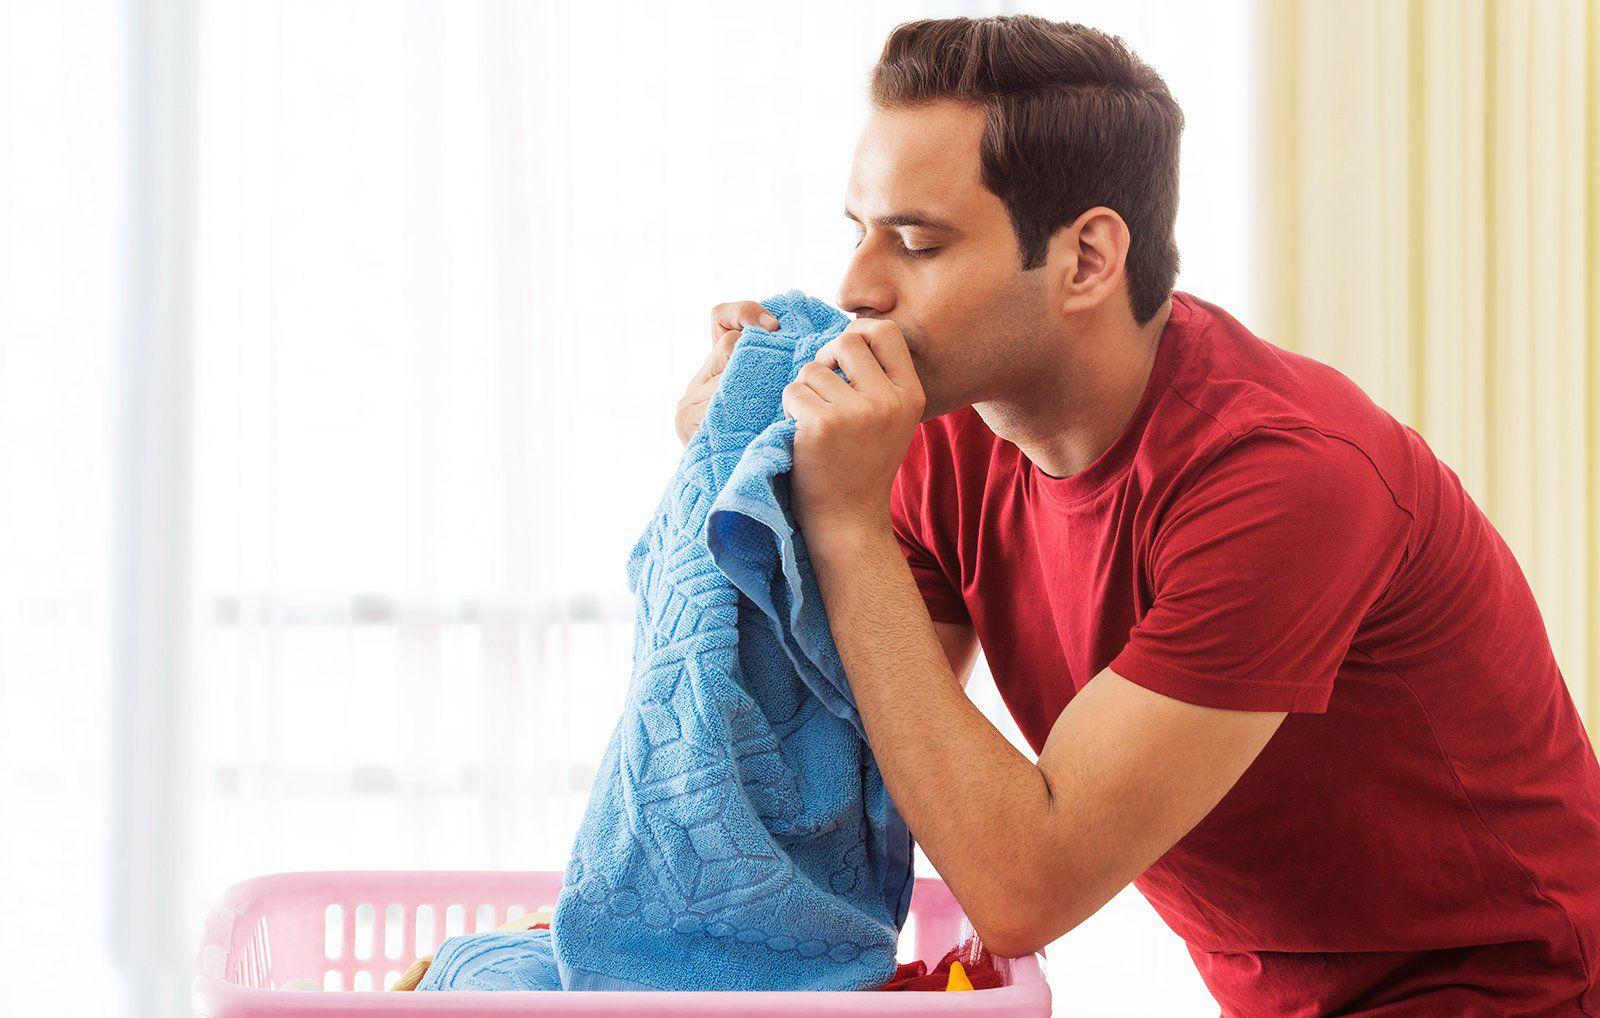 Nghiên cứu mới cho biết chúng ta có thể xả stress bằng… quần áo chưa giặt của người yêu